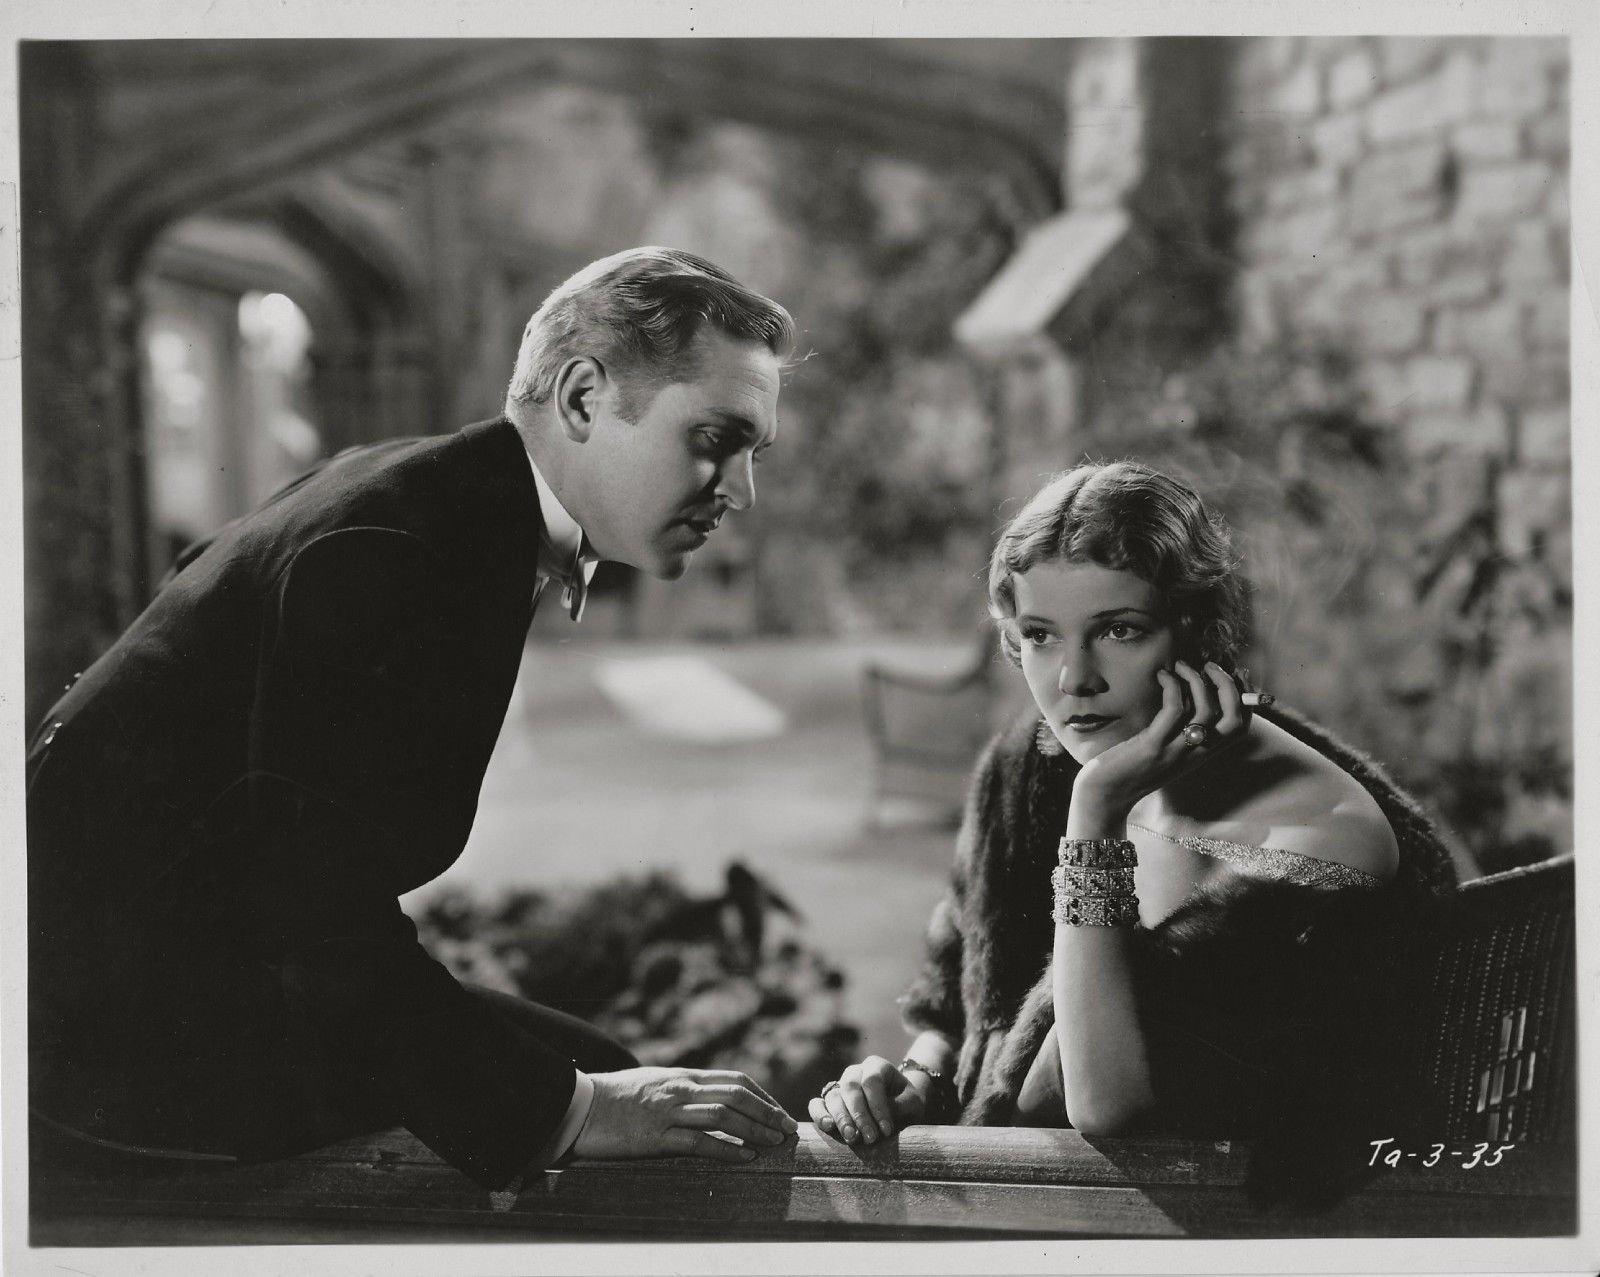 Elissa Landi in Devil's Lottery (1932)